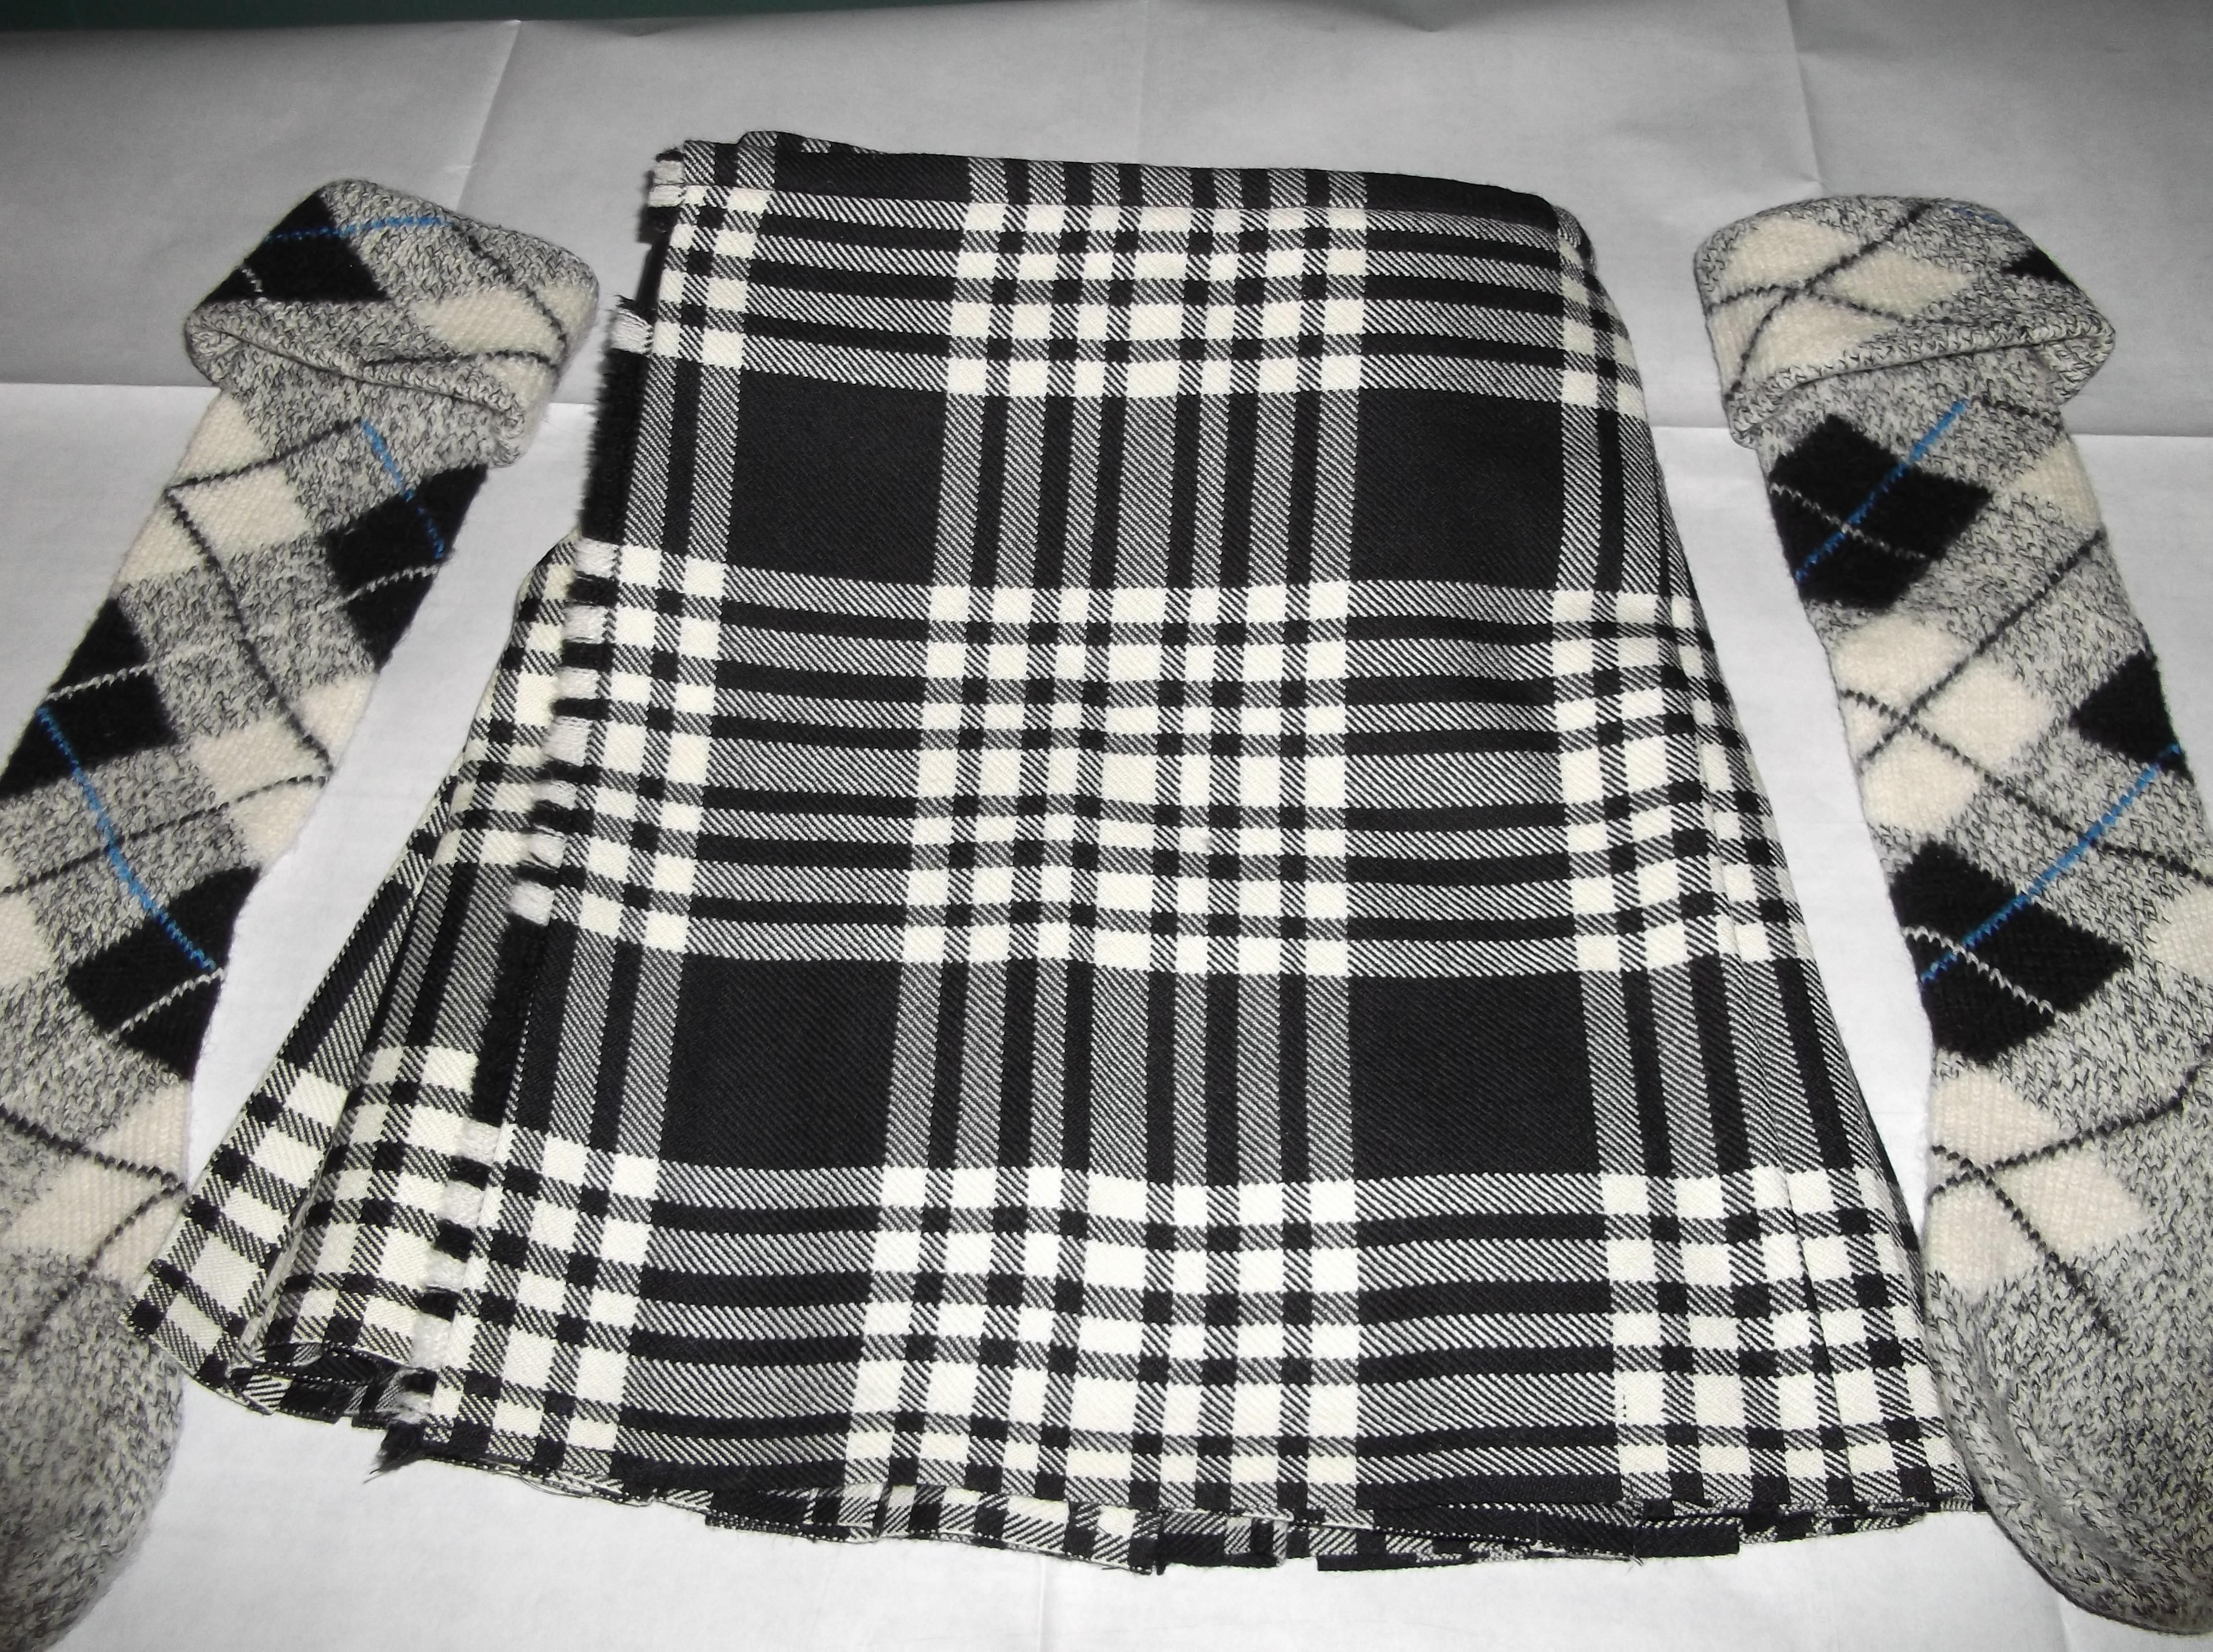 c14b92ac7776ec Looks like Black & White Menzies, but two many stripes :-( | Oooh ...